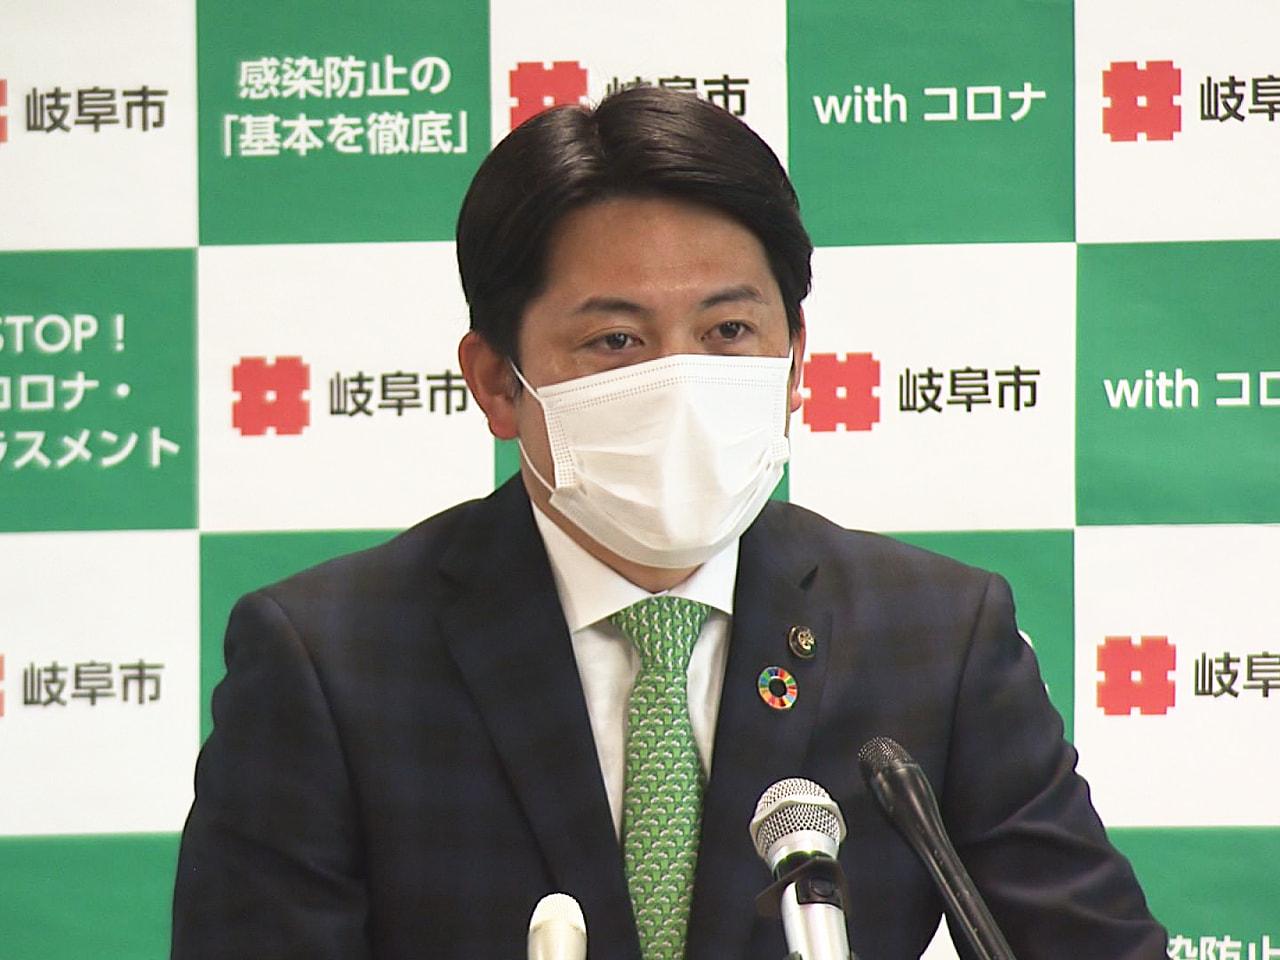 新型コロナウイルスのワクチン接種について、岐阜市の柴橋正直市長は28日、集団接種...